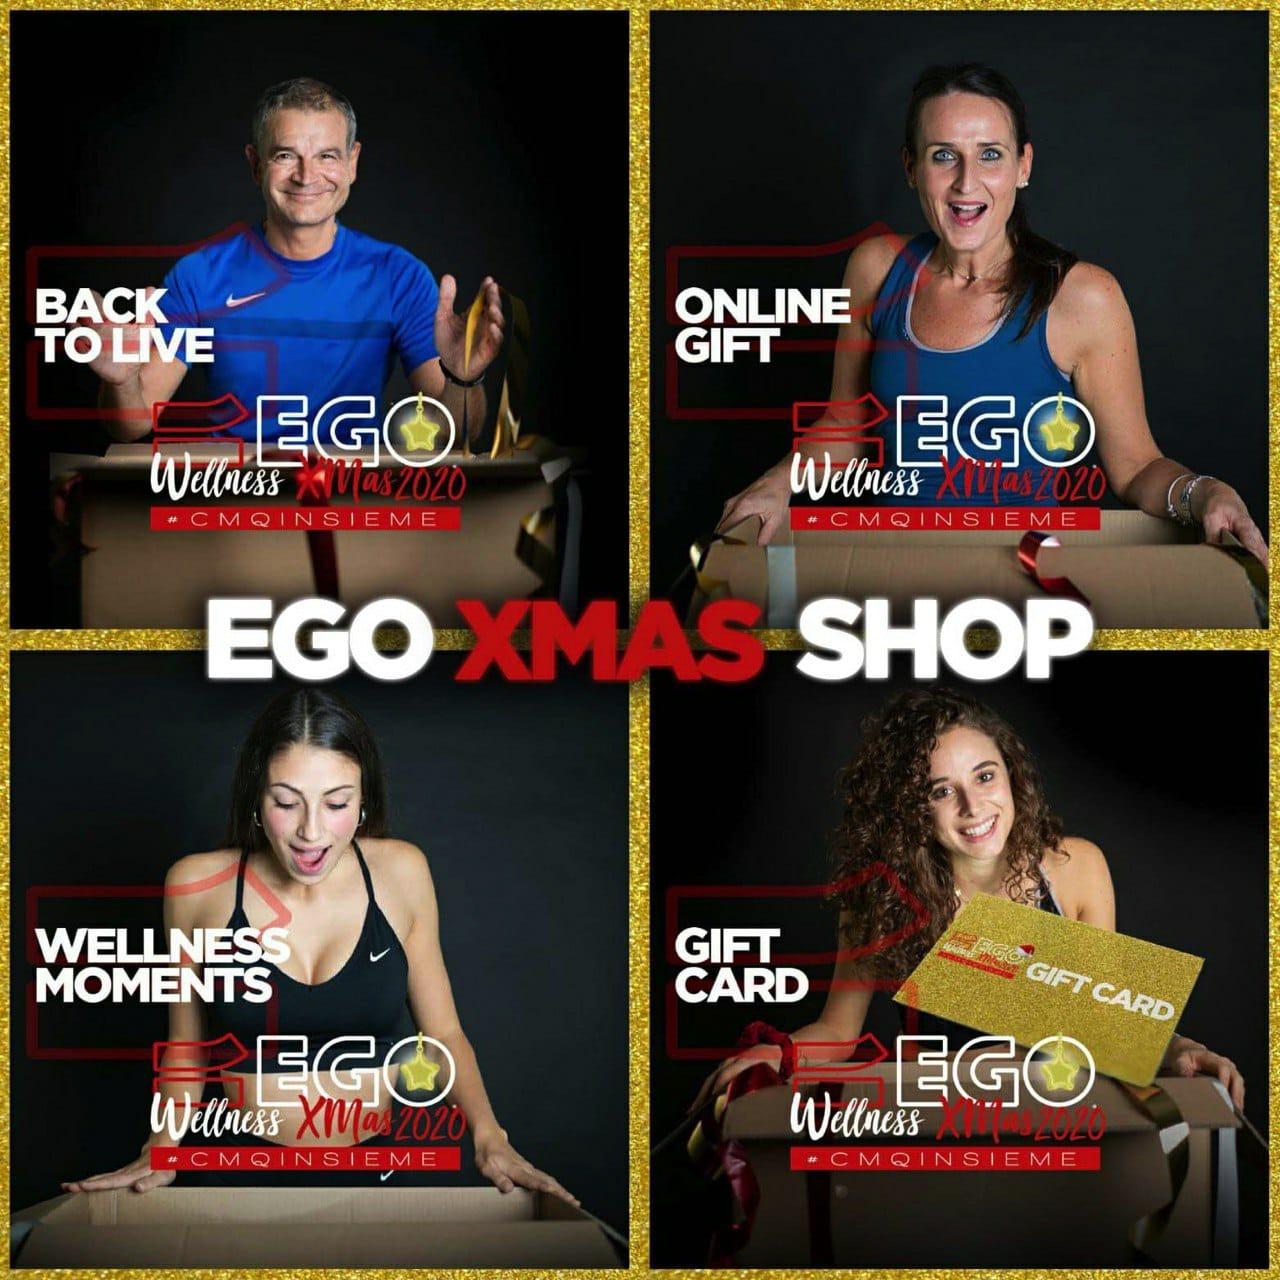 Ego XMas Shop